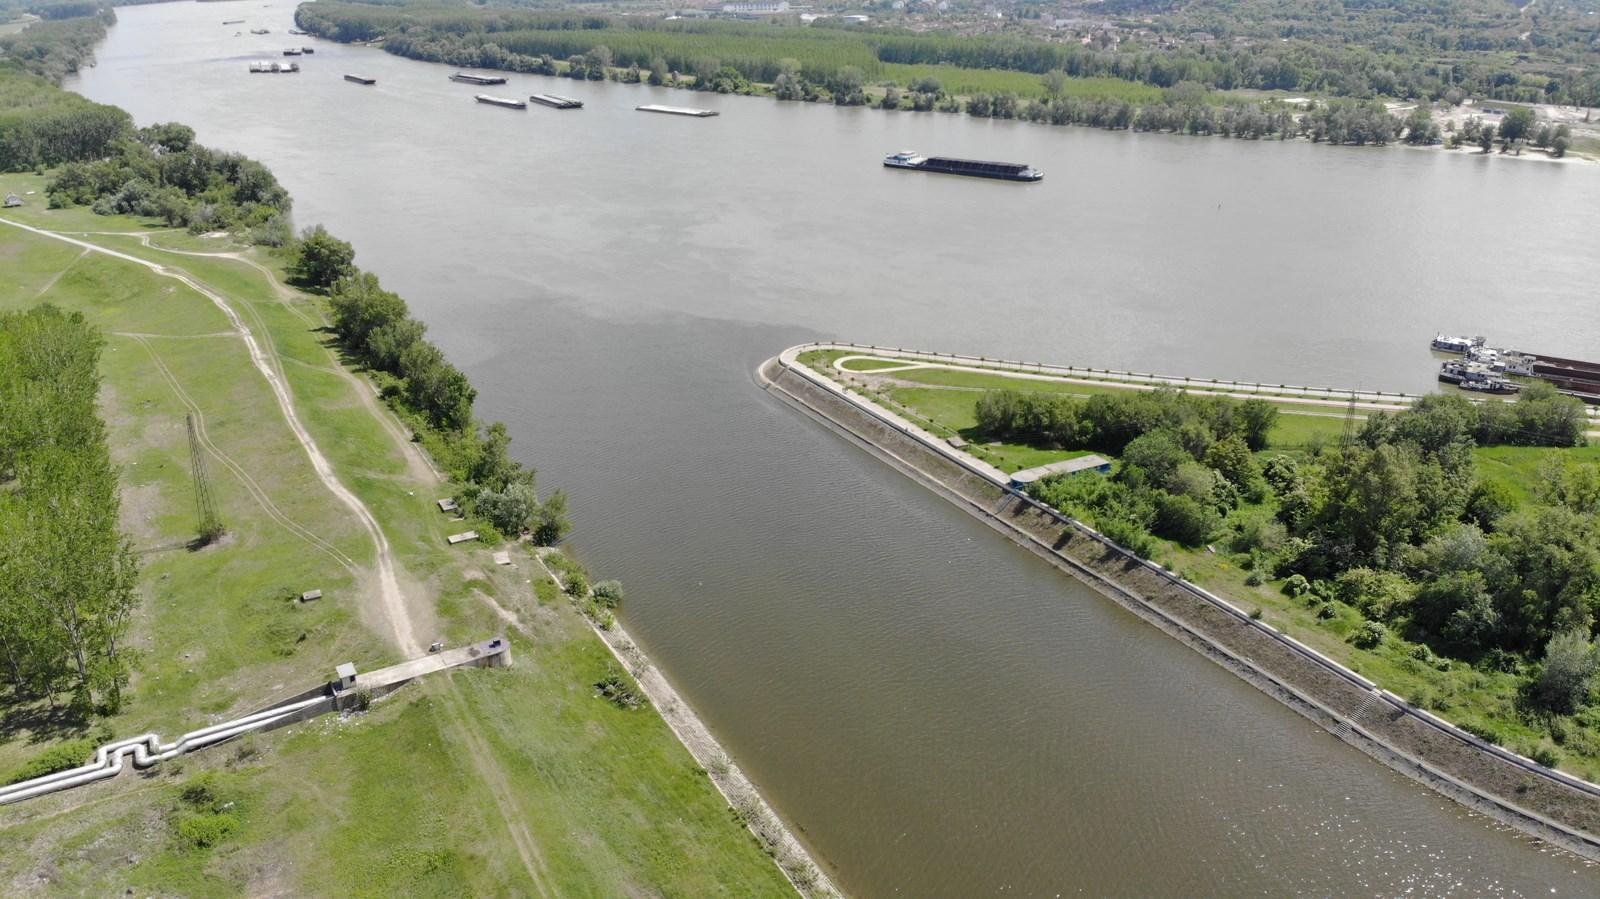 Drone φωτογραφία πυροβολισμός ουρανού έργου «Σκιά στον αγκώνα», γέφυρα πάνω από τον ποταμό Δούναβη Νόβι Σαντ